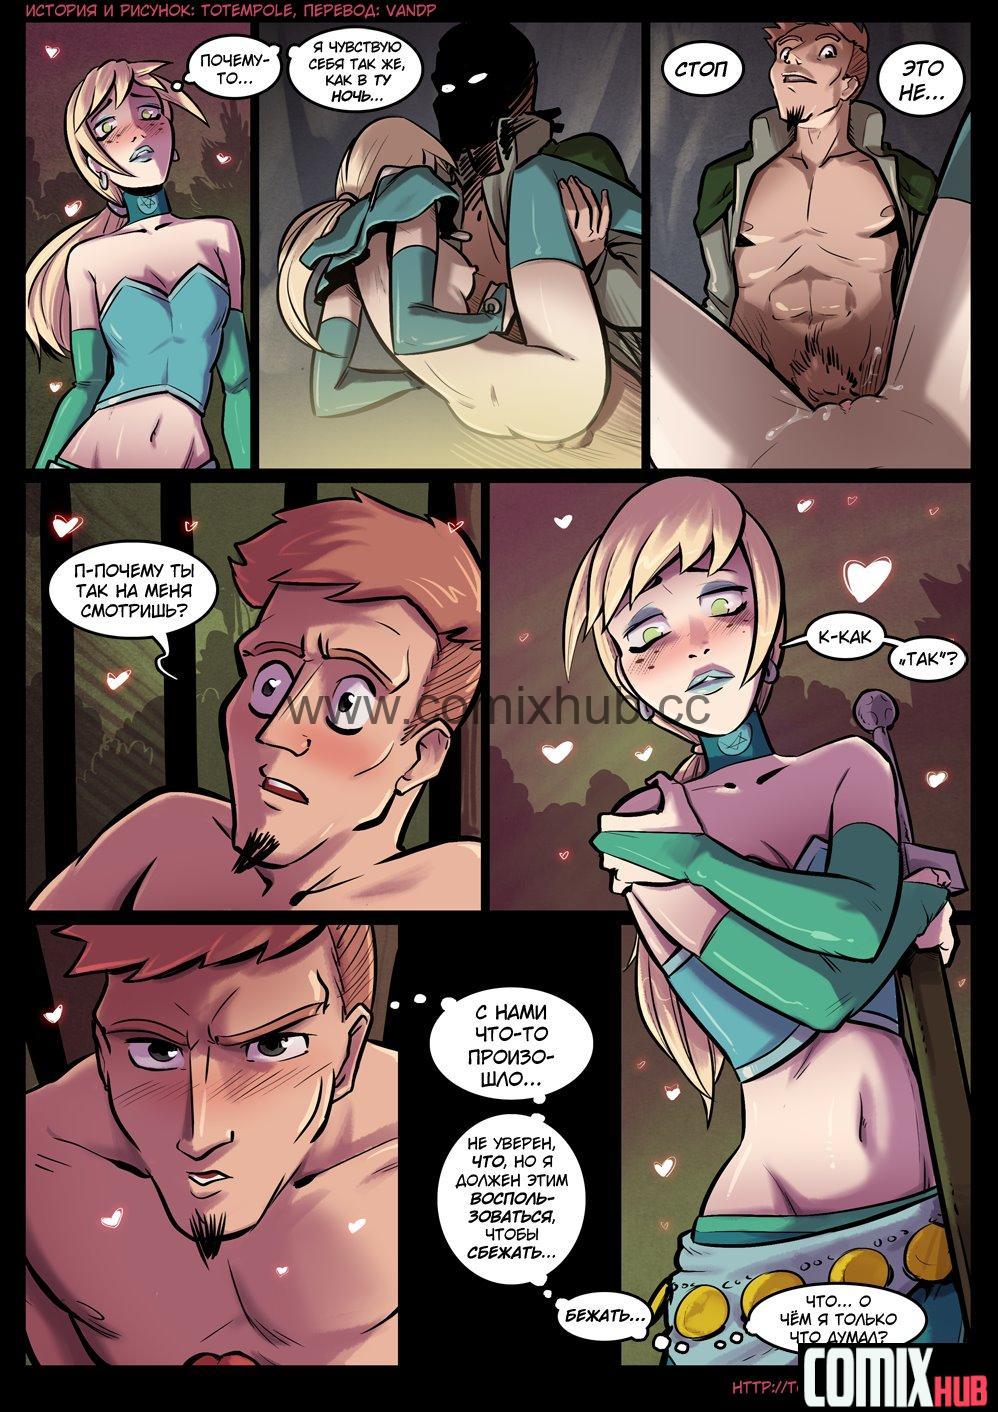 Порно комикс, Волшебница, часть 17 Порно комиксы, Мастурбация